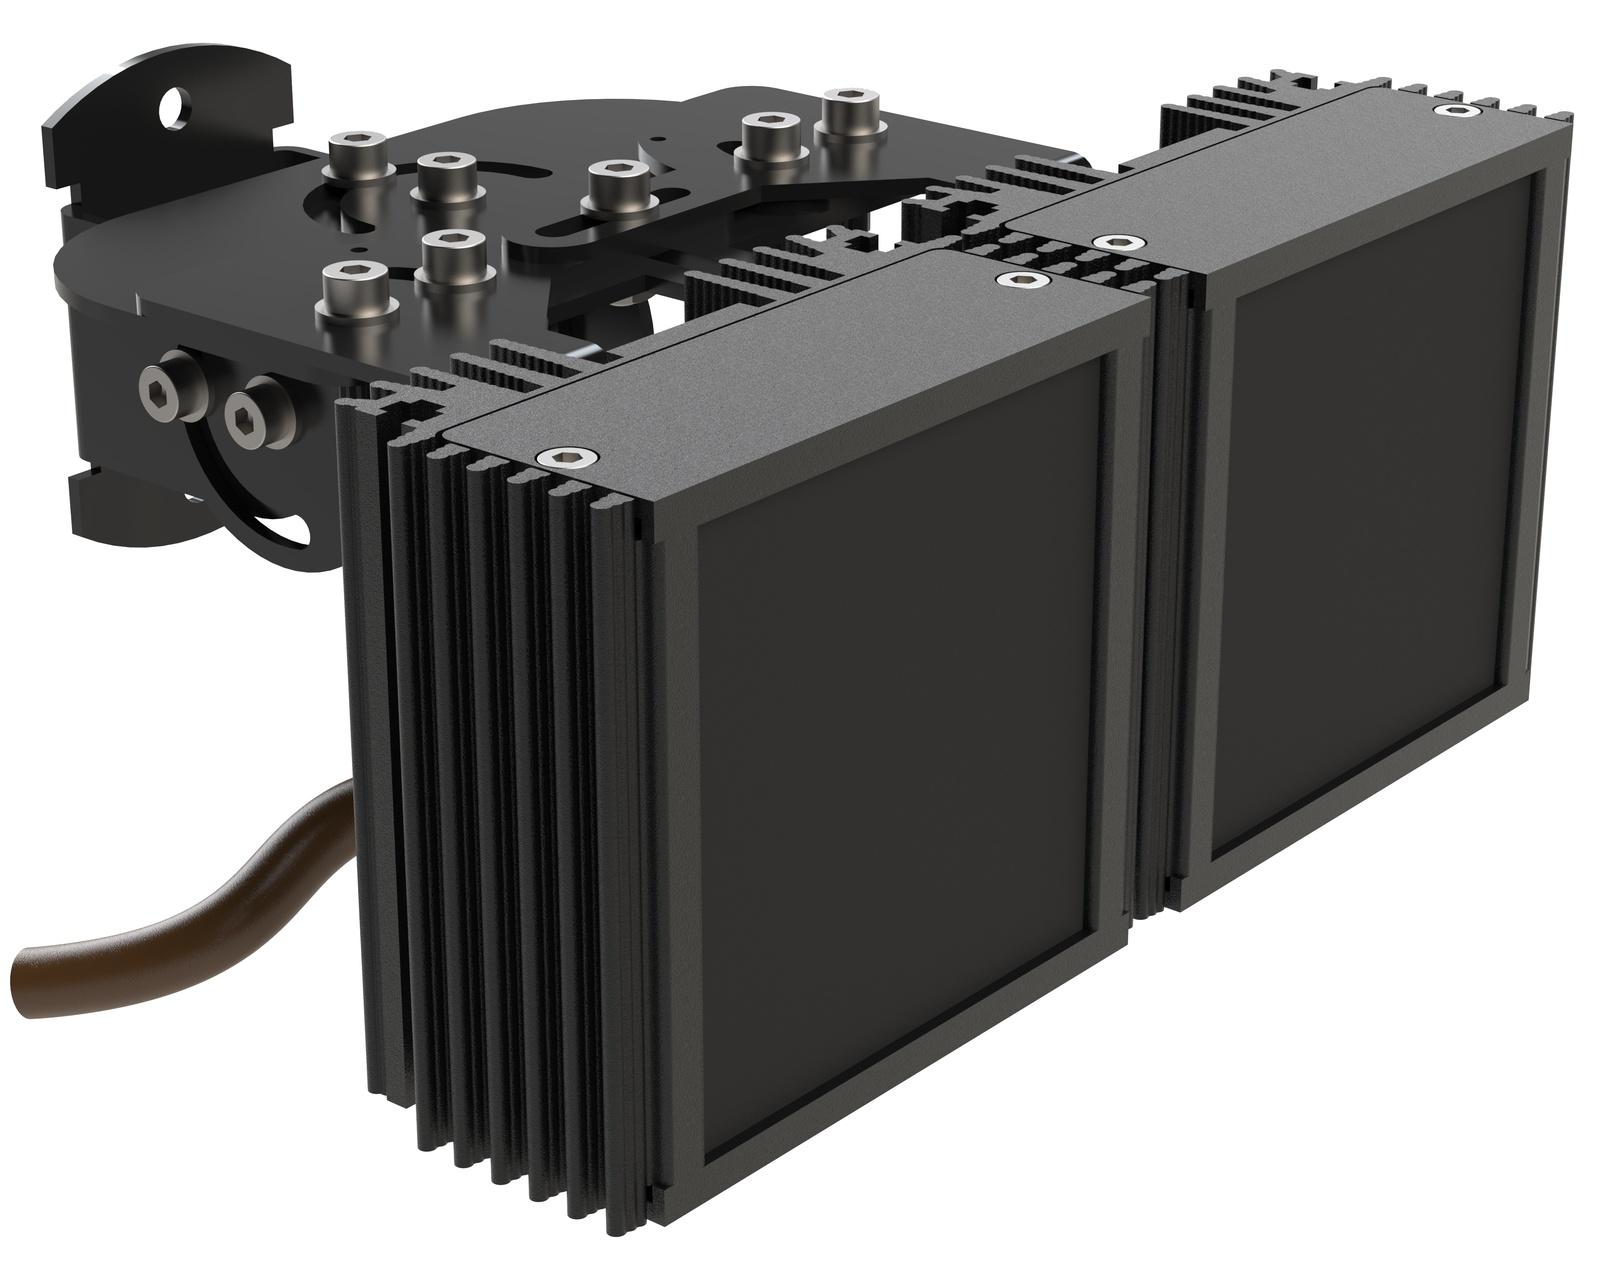 Инфракрасный прожектор Microlight IR VARIO M 2.8-12/30 с регулировкой угла для камеры с объективом 2,8-12 мм. Дальность до 70 метров ночного видения Уличный IP67